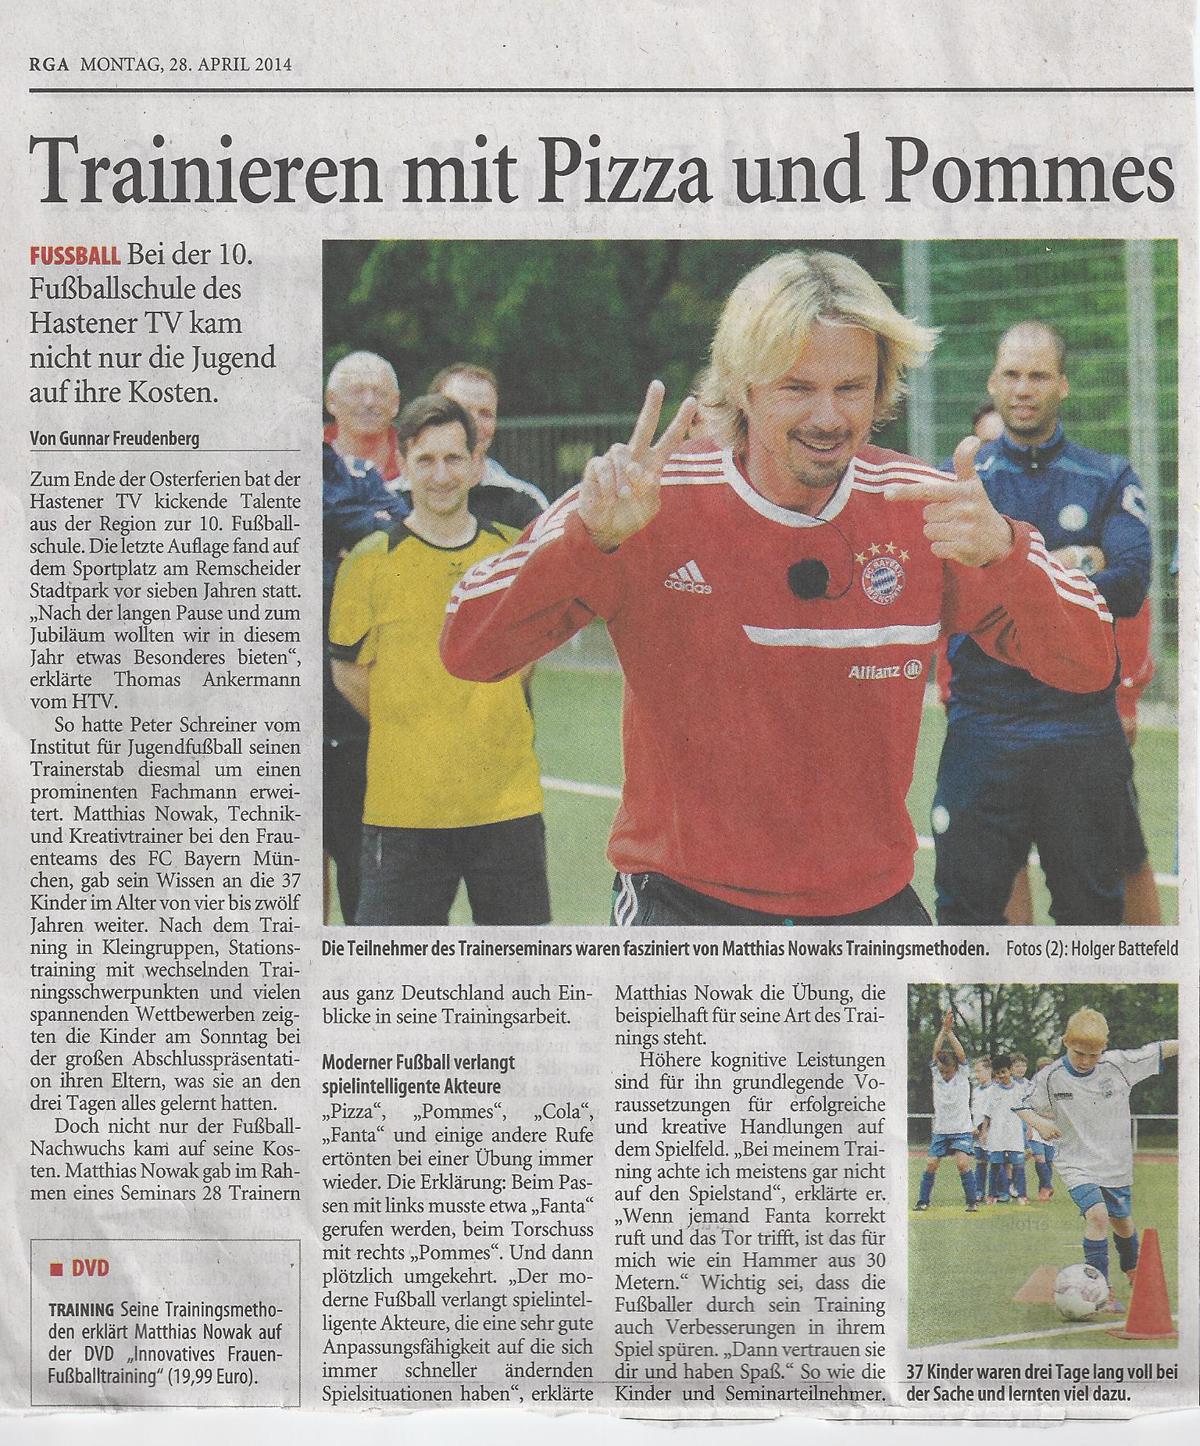 Matthias Nowak - Technik- und Kreativtrainer Bayern München (Frauen)